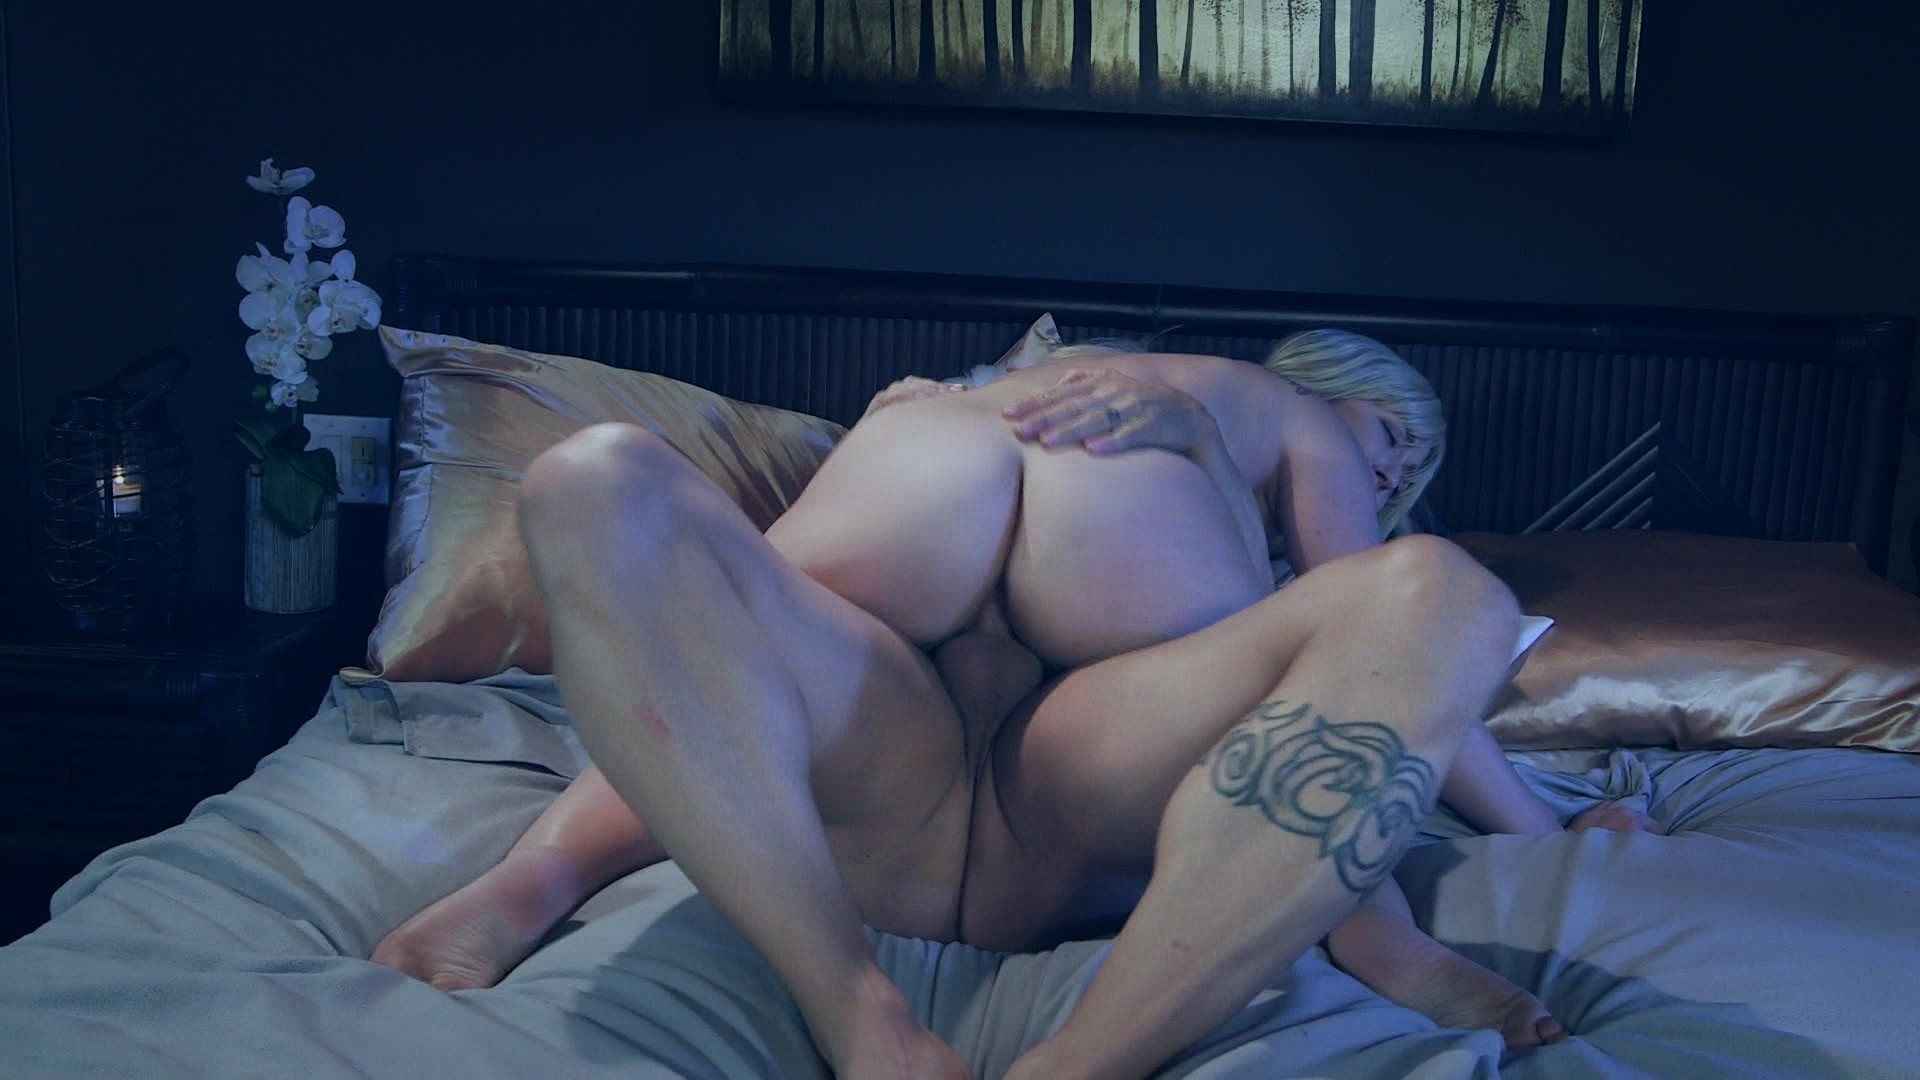 См арт хаус эротика на грани порно, русское порно спящие анал